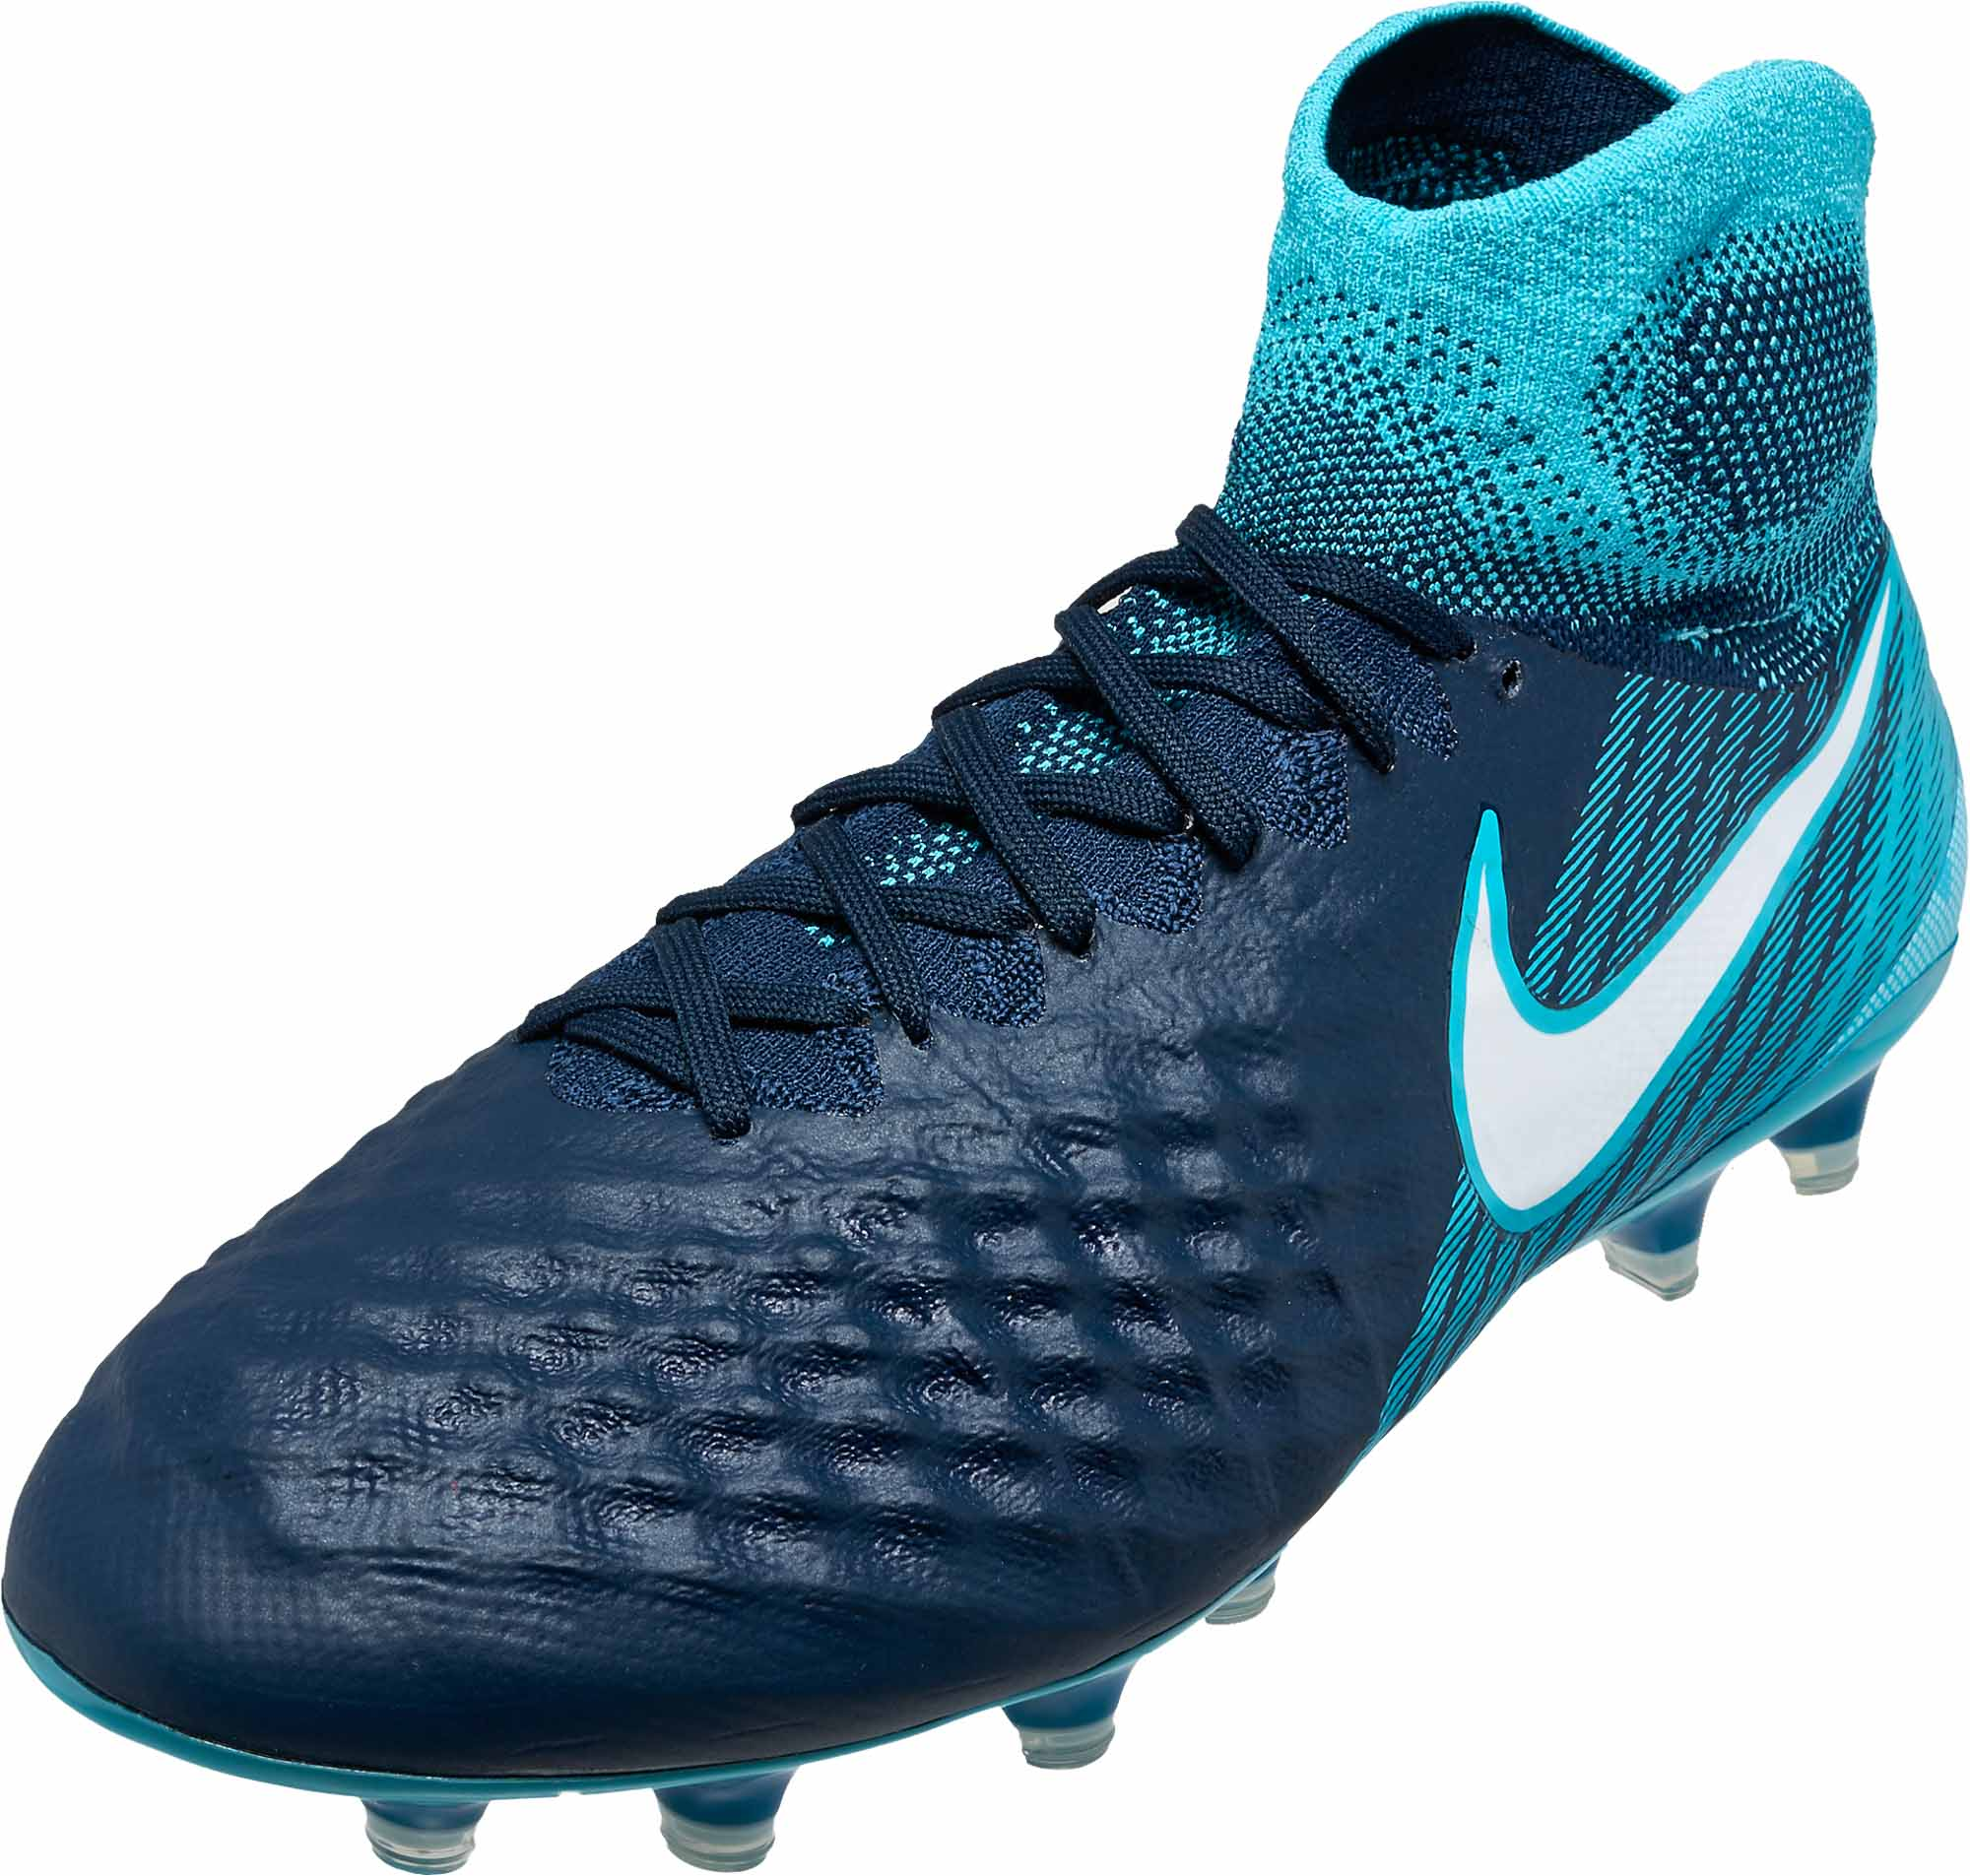 Nike Magista Obra II Nike Magista Obra II FG - Obsidian & White - Soccer Master